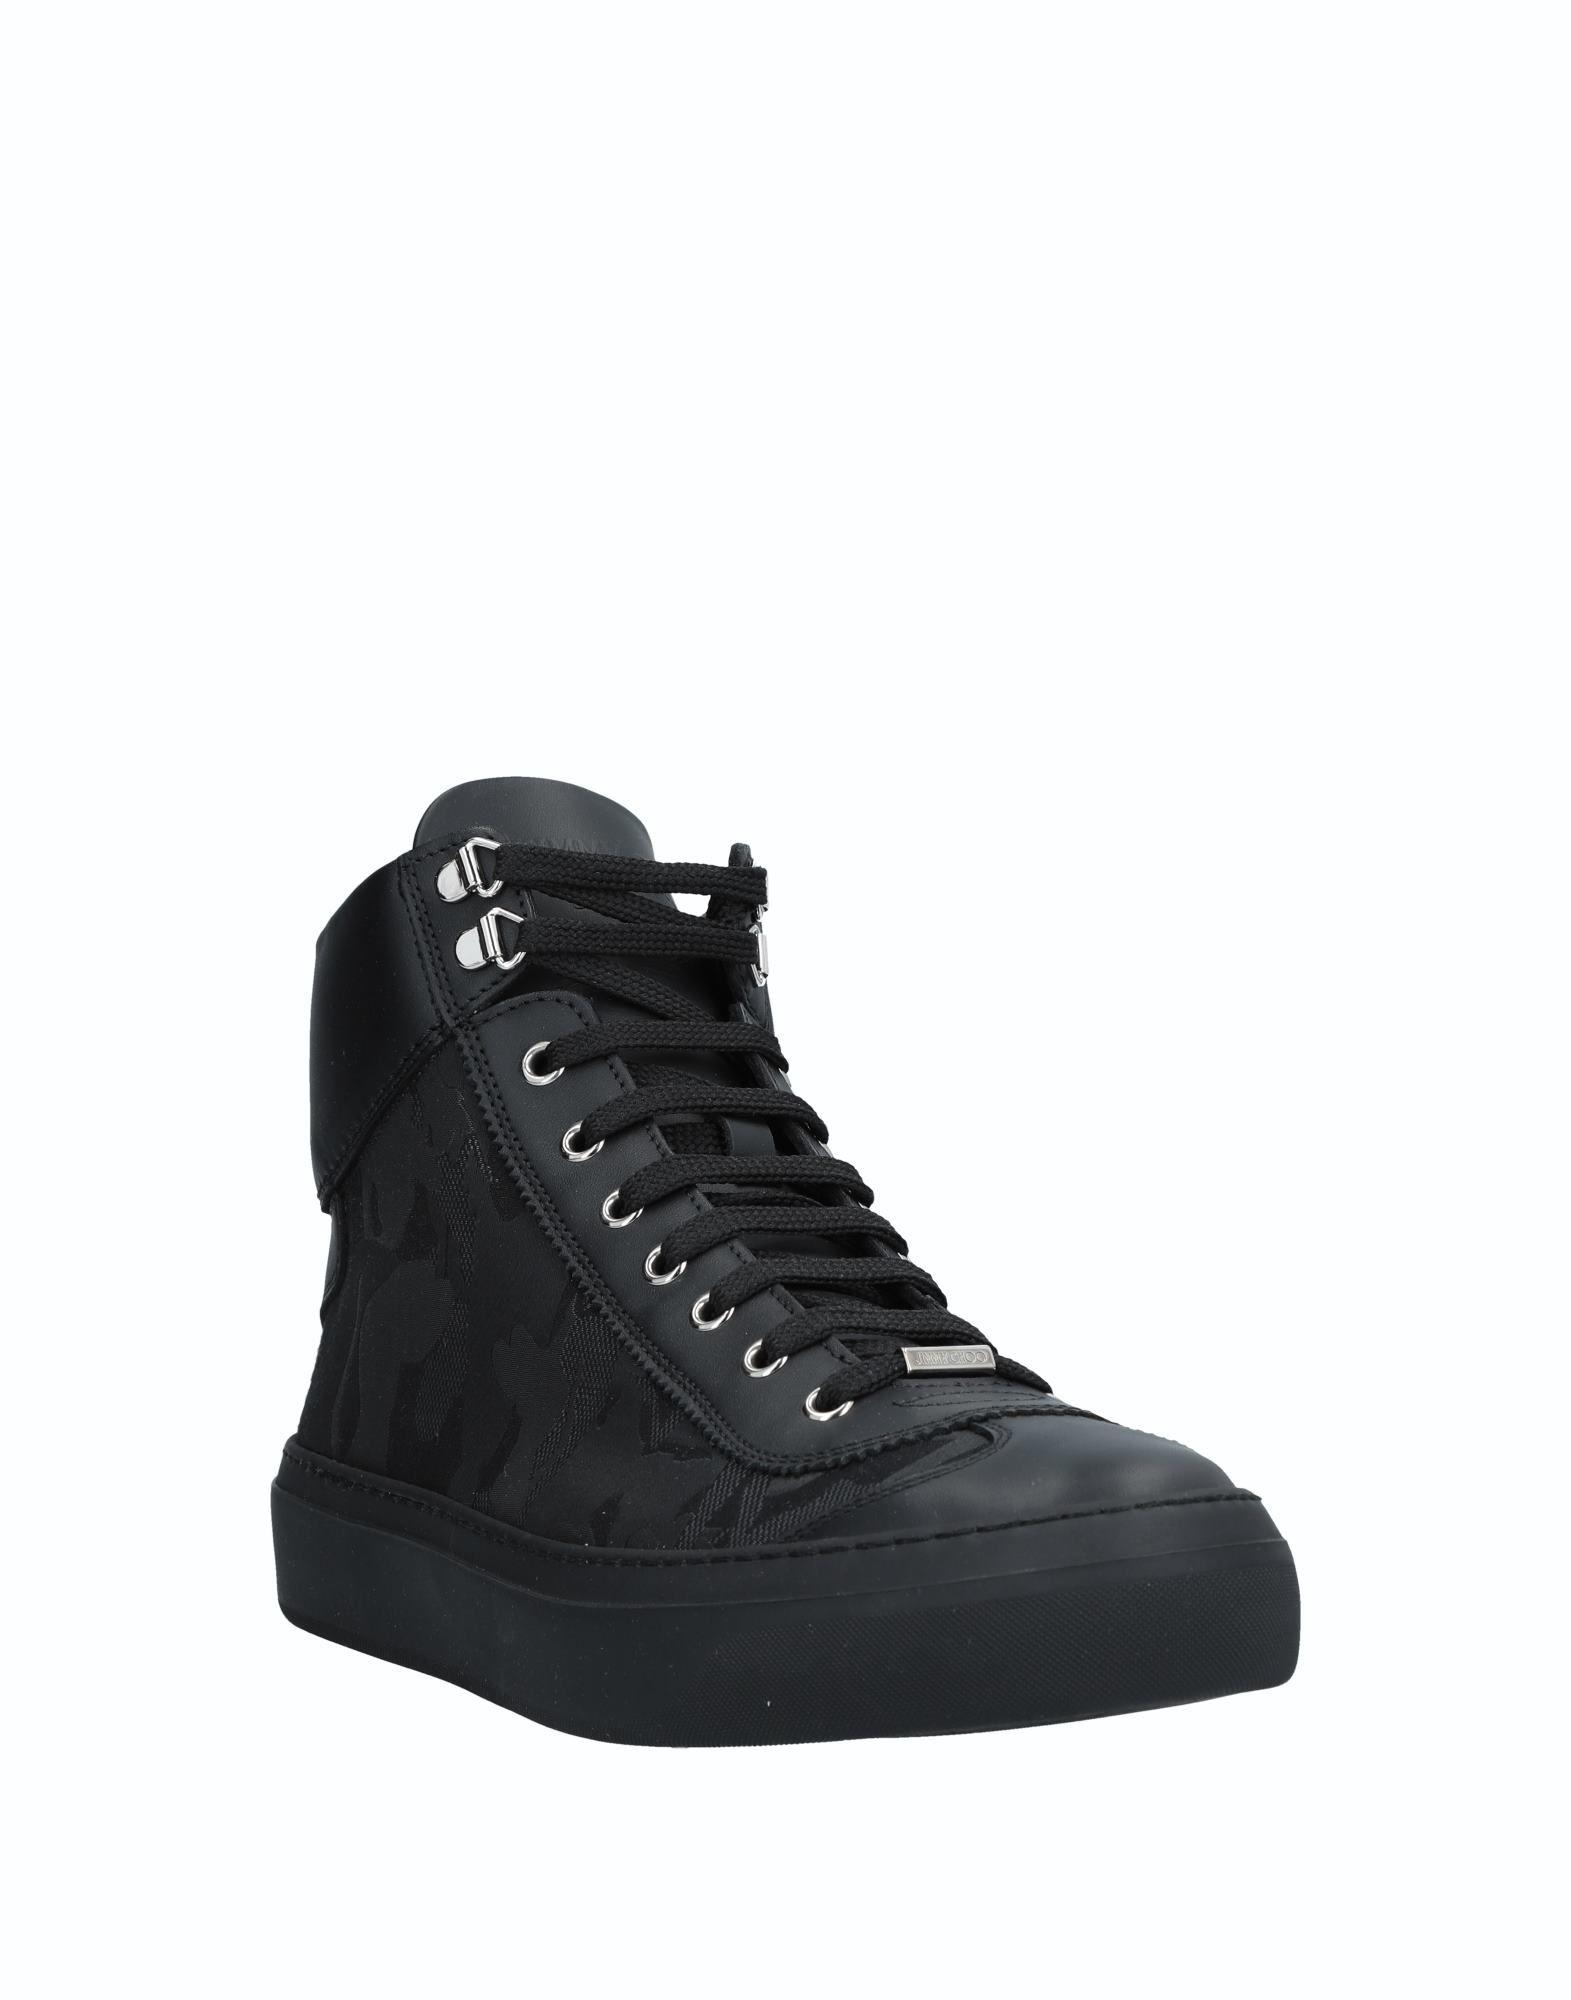 Jimmy 11538021OD Choo Sneakers Herren  11538021OD Jimmy 5be07b